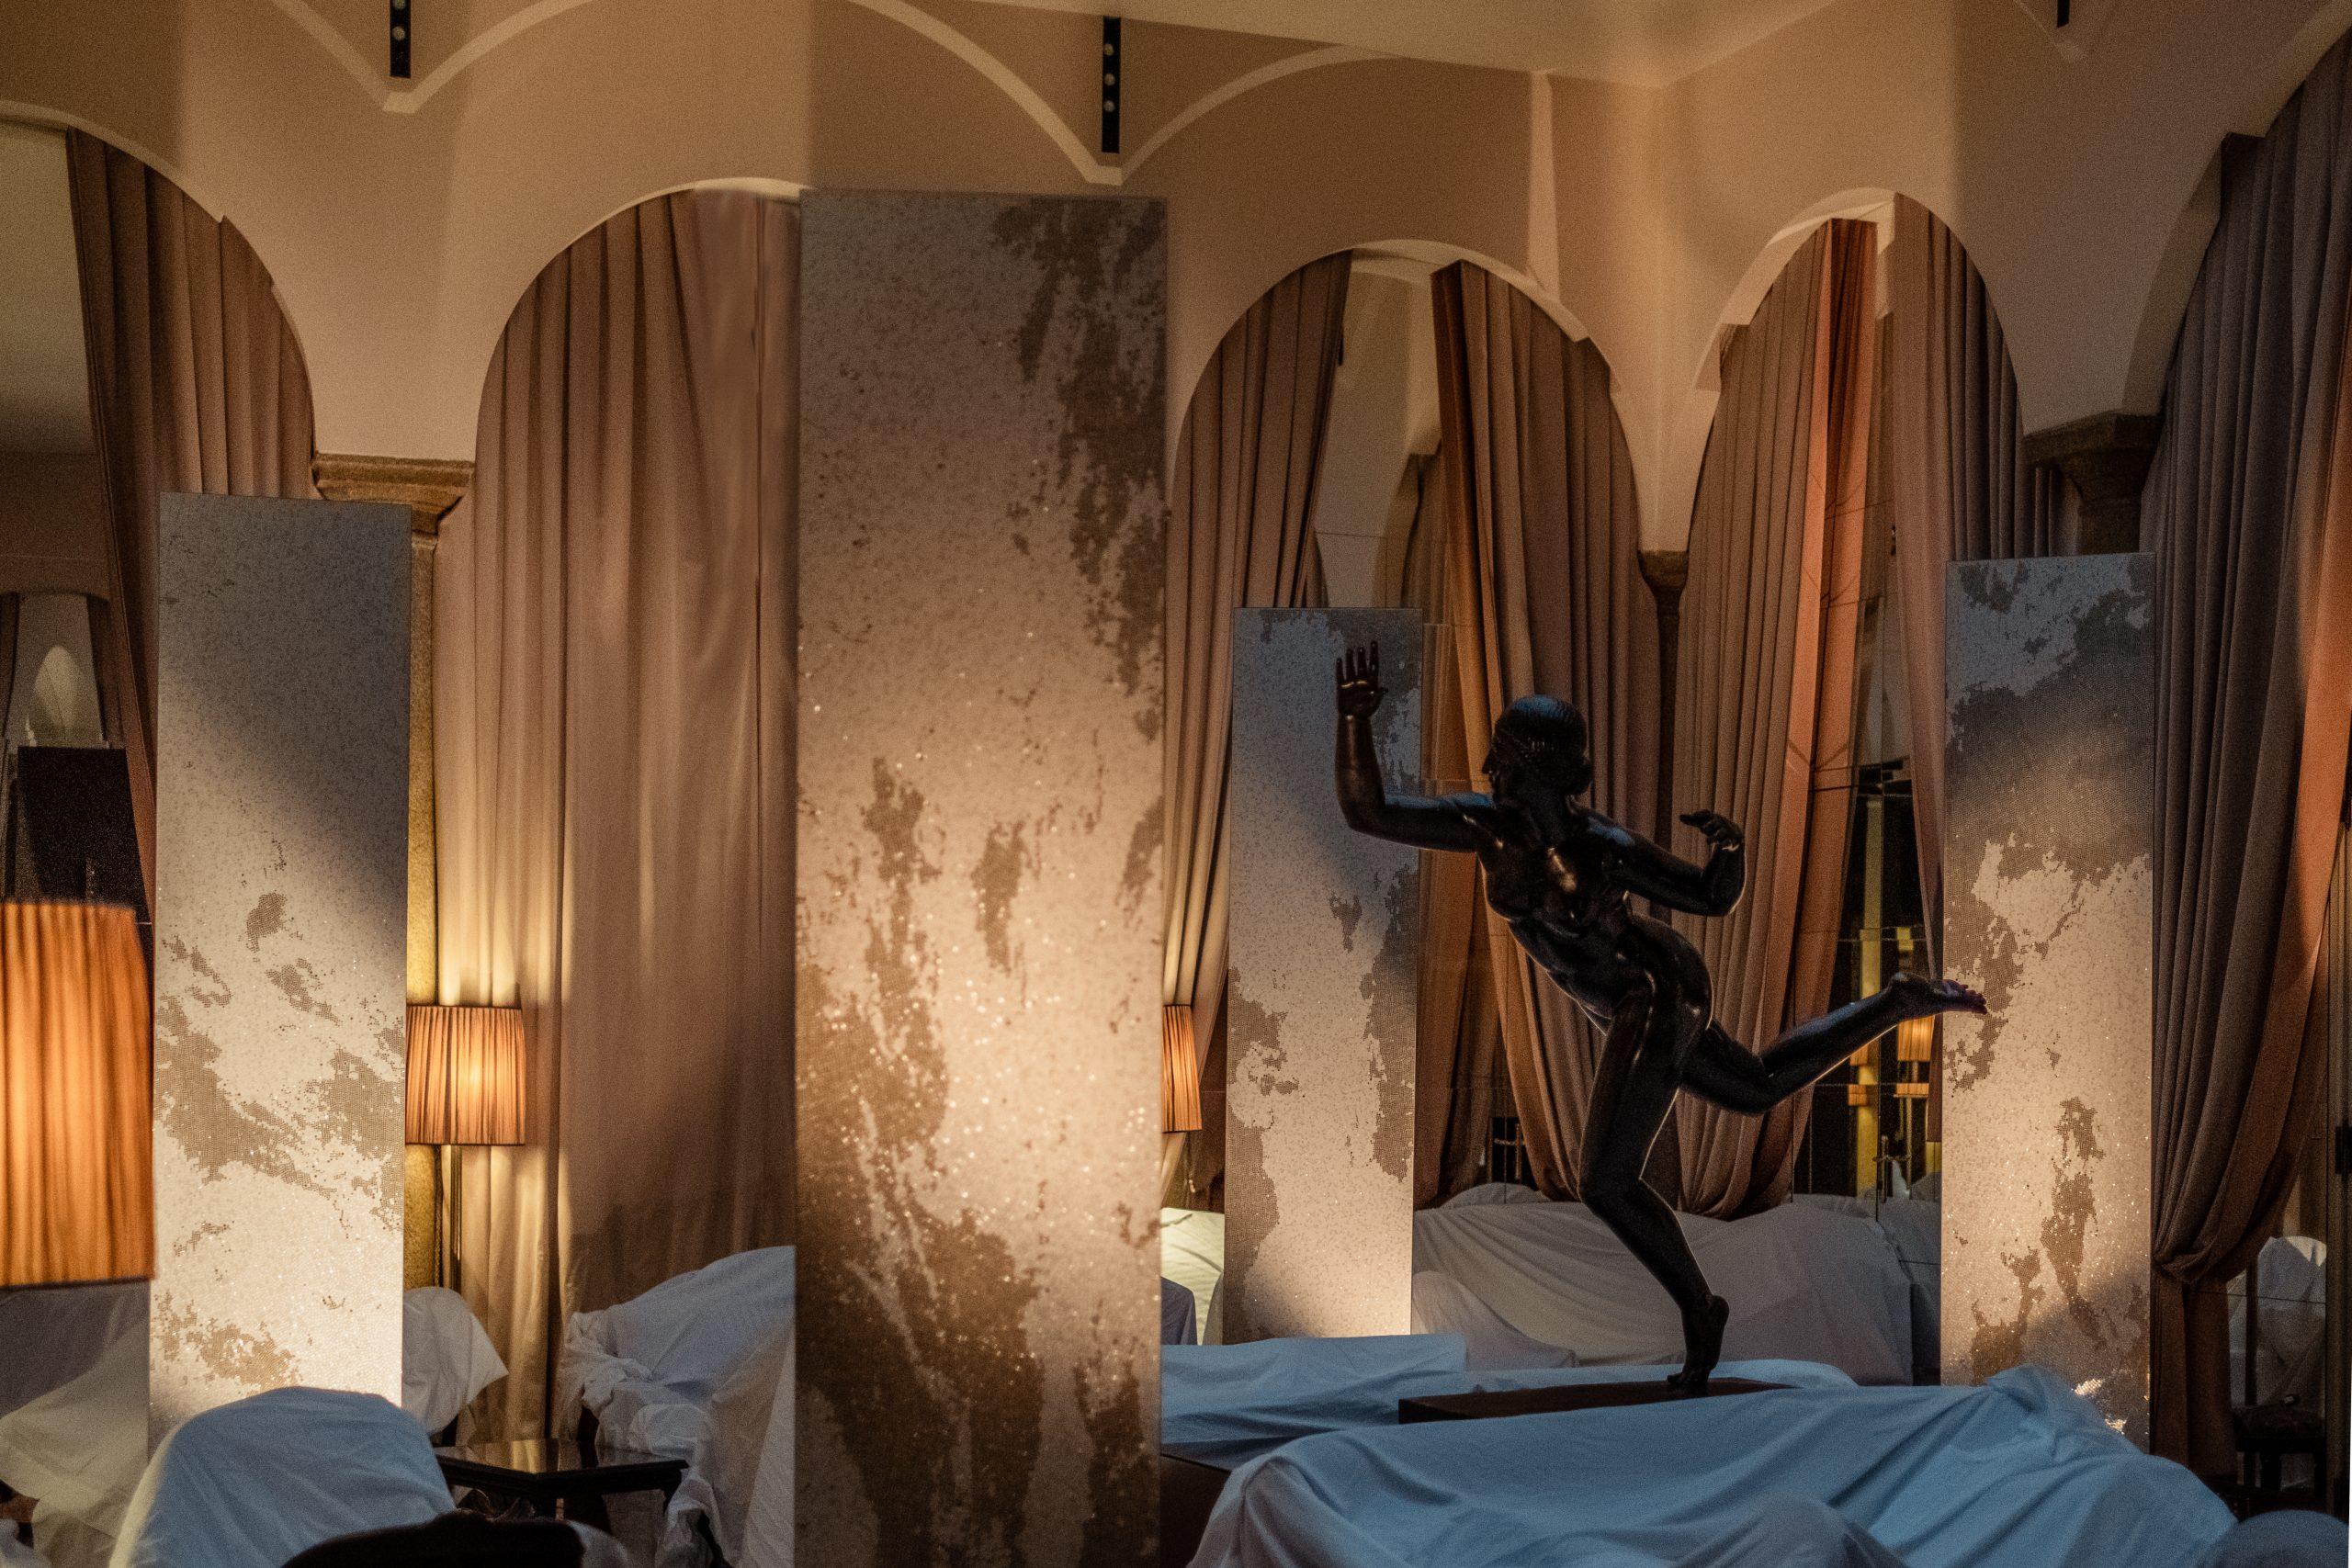 All'interno del Grand Hotel et de Milan prende vita Algoritmo: l'installazione firmata Mutaforma